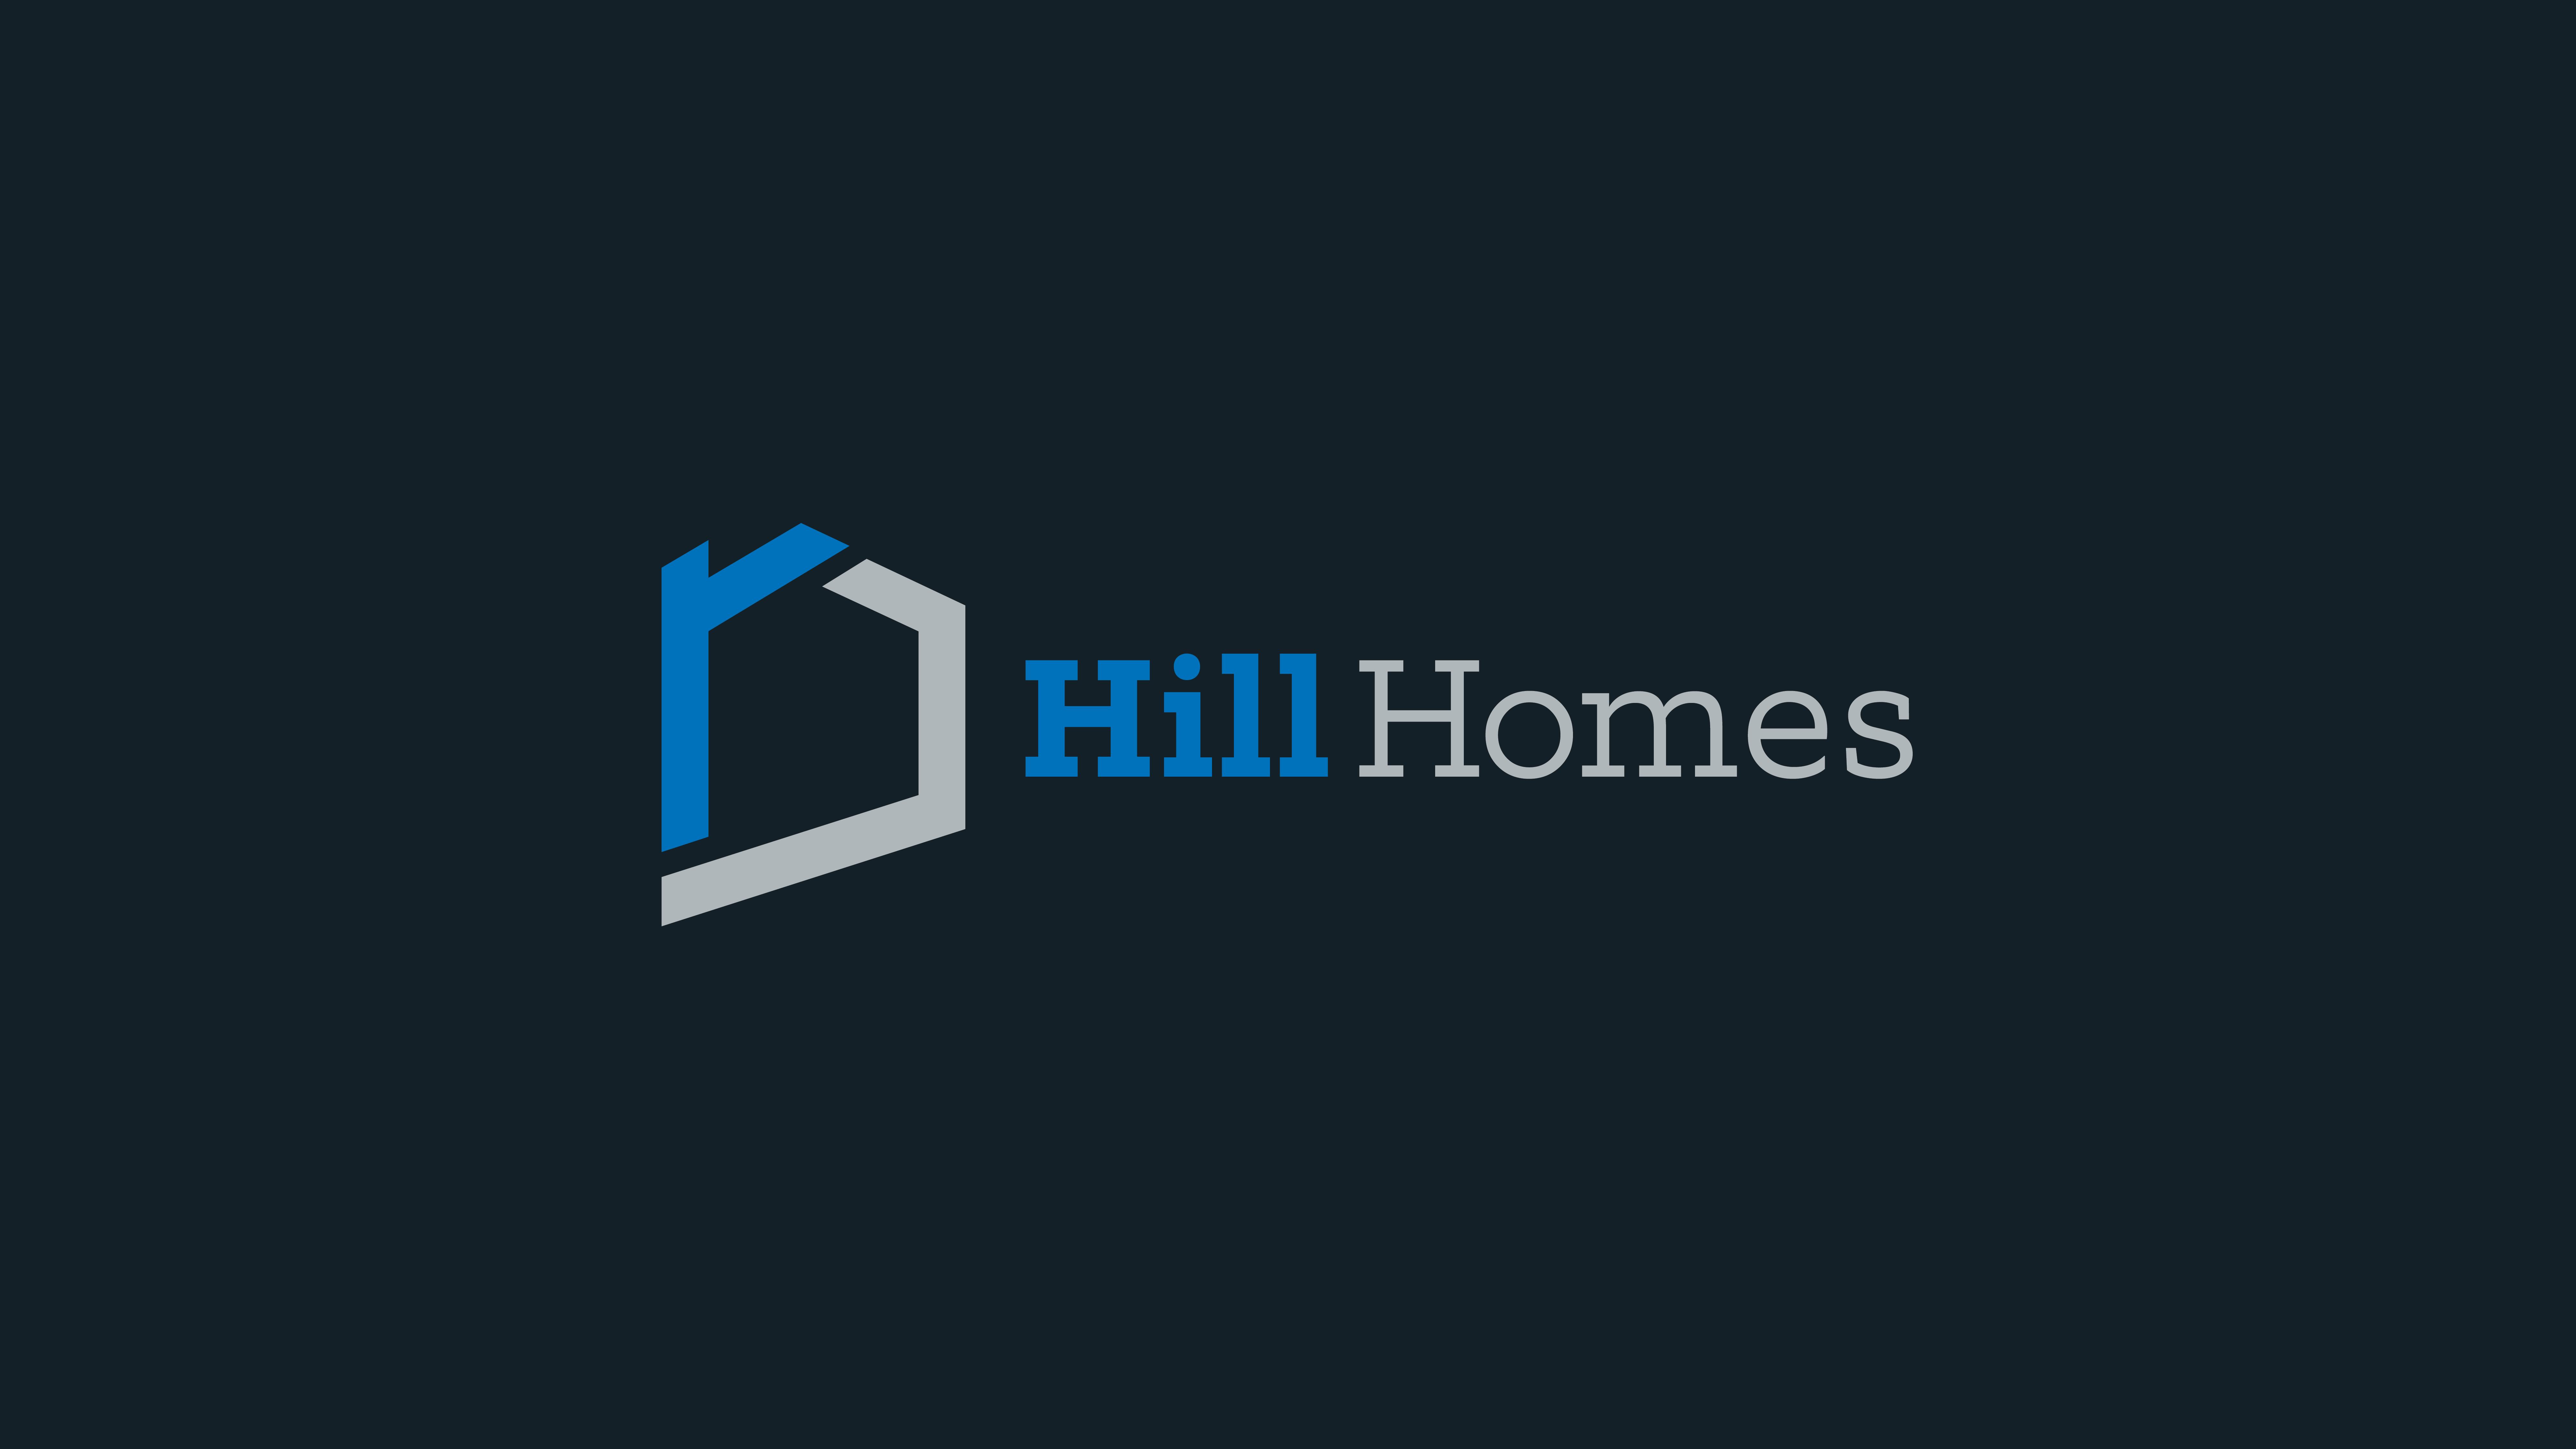 Architectural builder needs logo